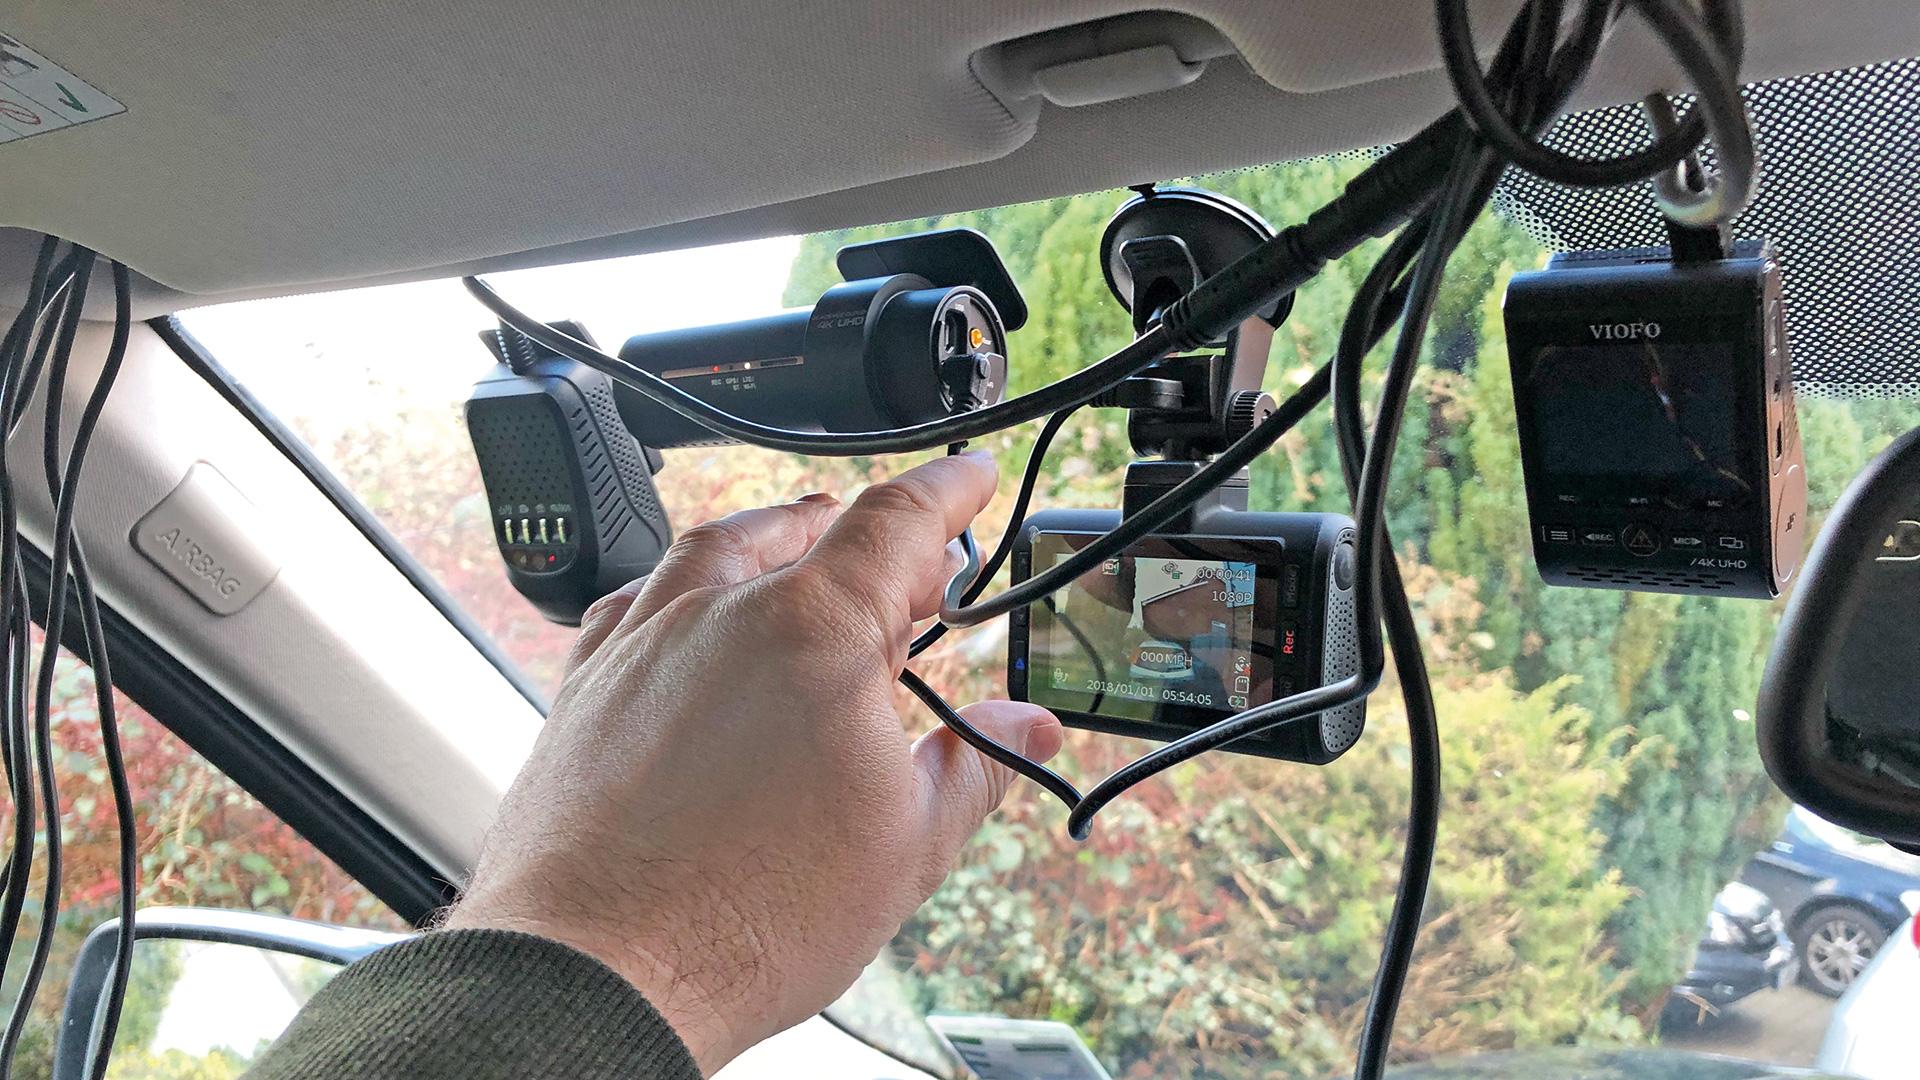 آموزش نصب دوربین خودرو | نحوه اصولی نصب دوربین بر روی اتومبیل